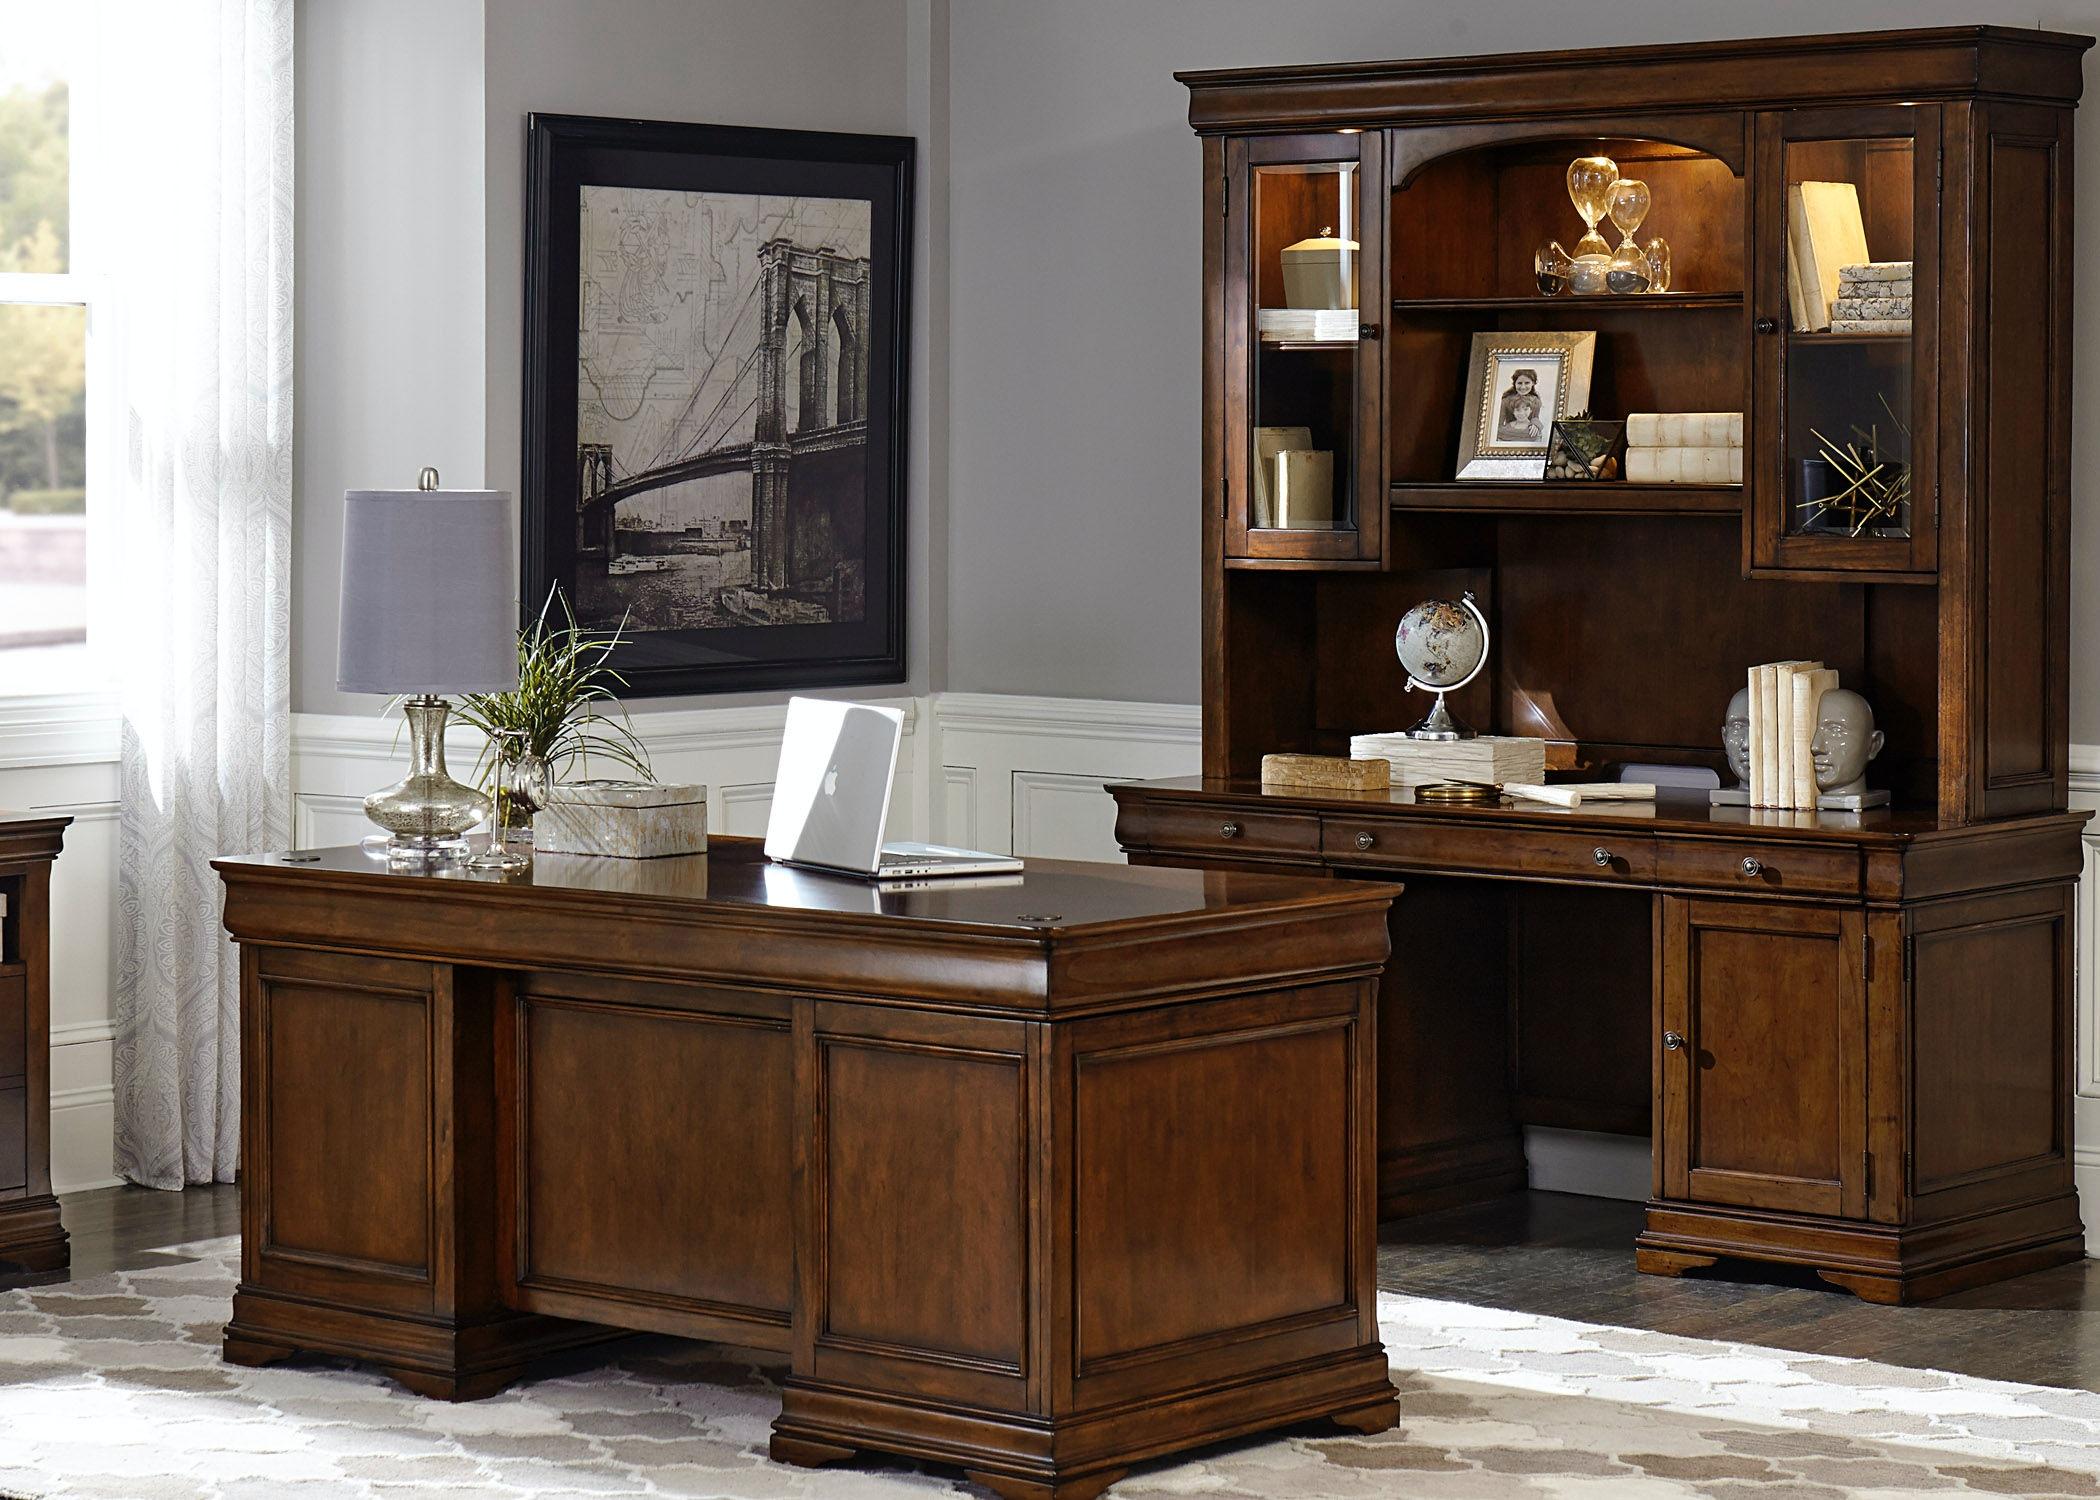 Liberty Furniture Home Office 5 Piece Jr Executive Set 901